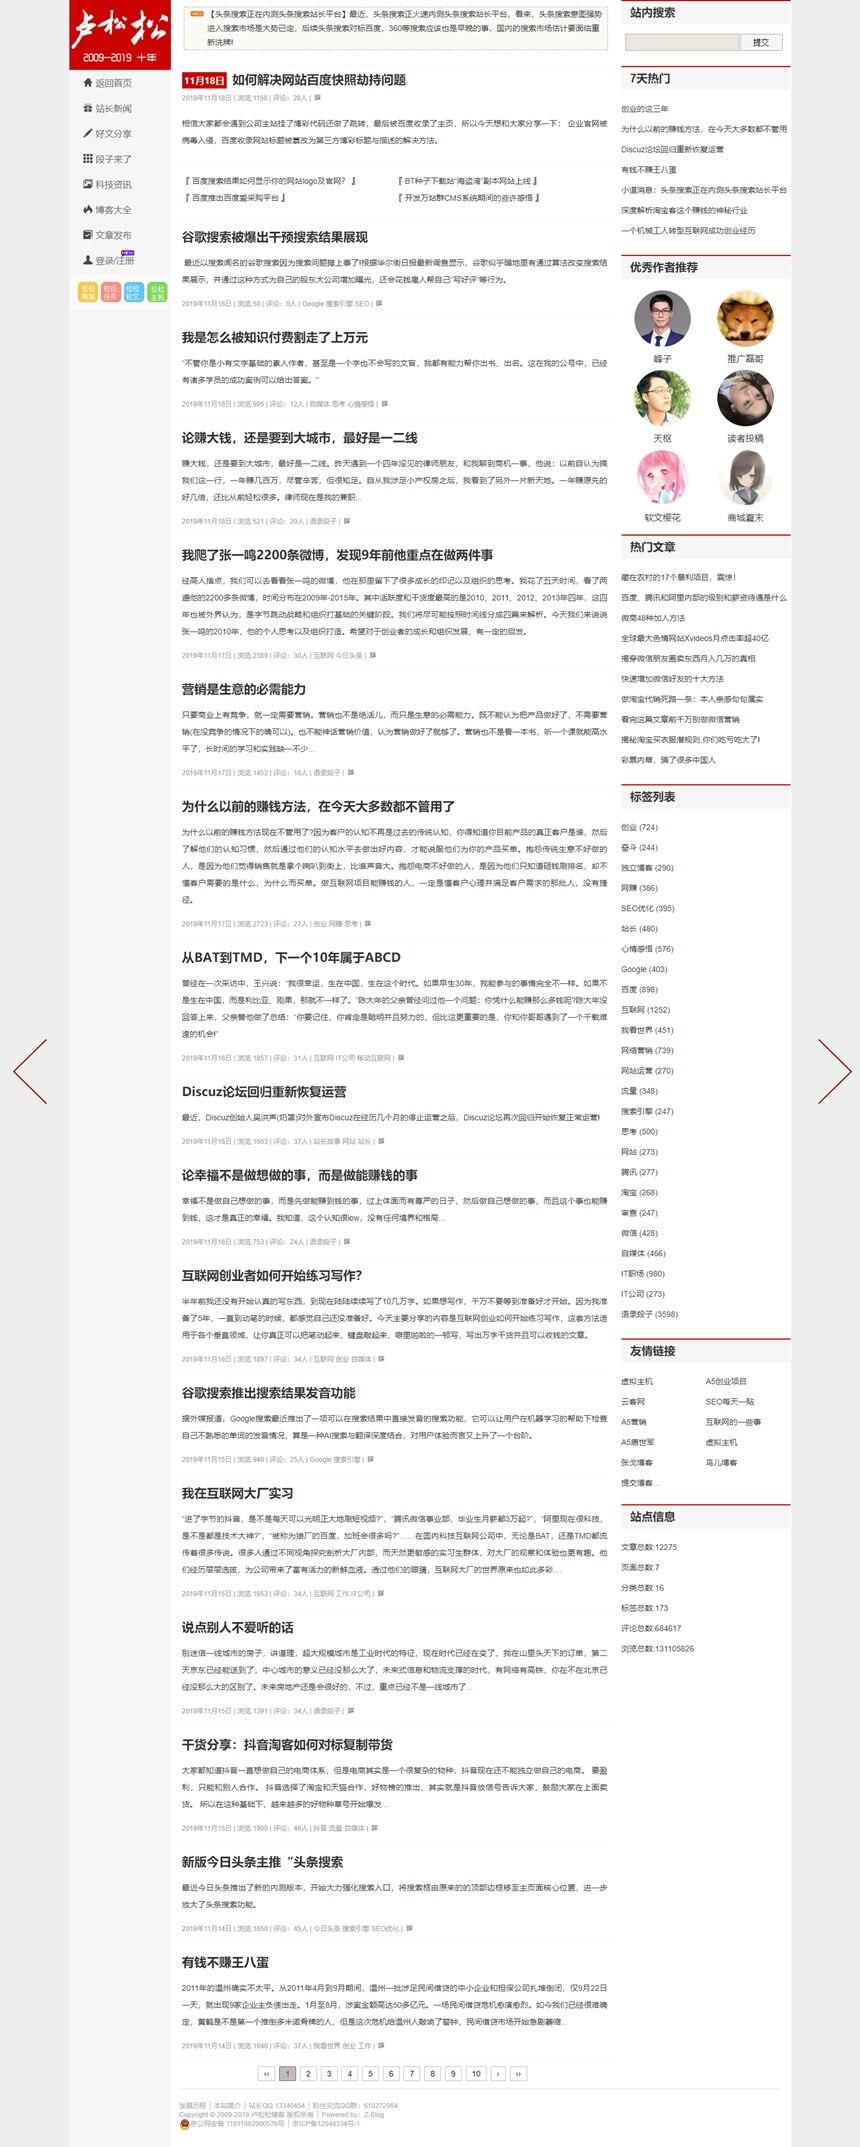 2019款仿卢松松WordPress个人博客主题Luss V1.22_源码下载免费,破解模板